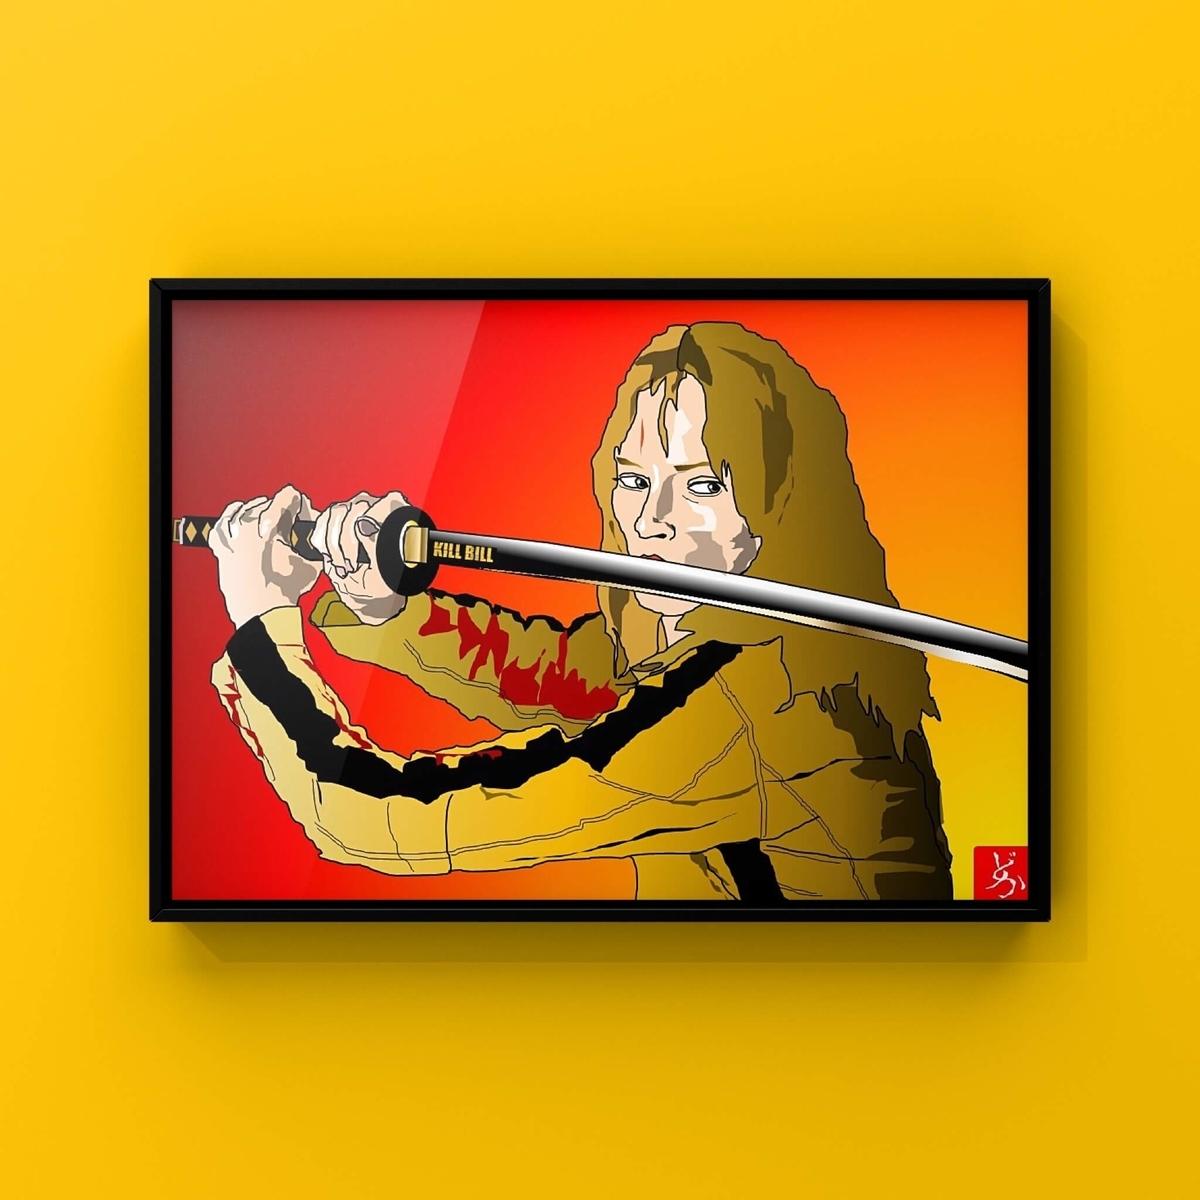 タランティーノの代表作「キル・ビル」ユマ・サーマンのエクセル画額装版